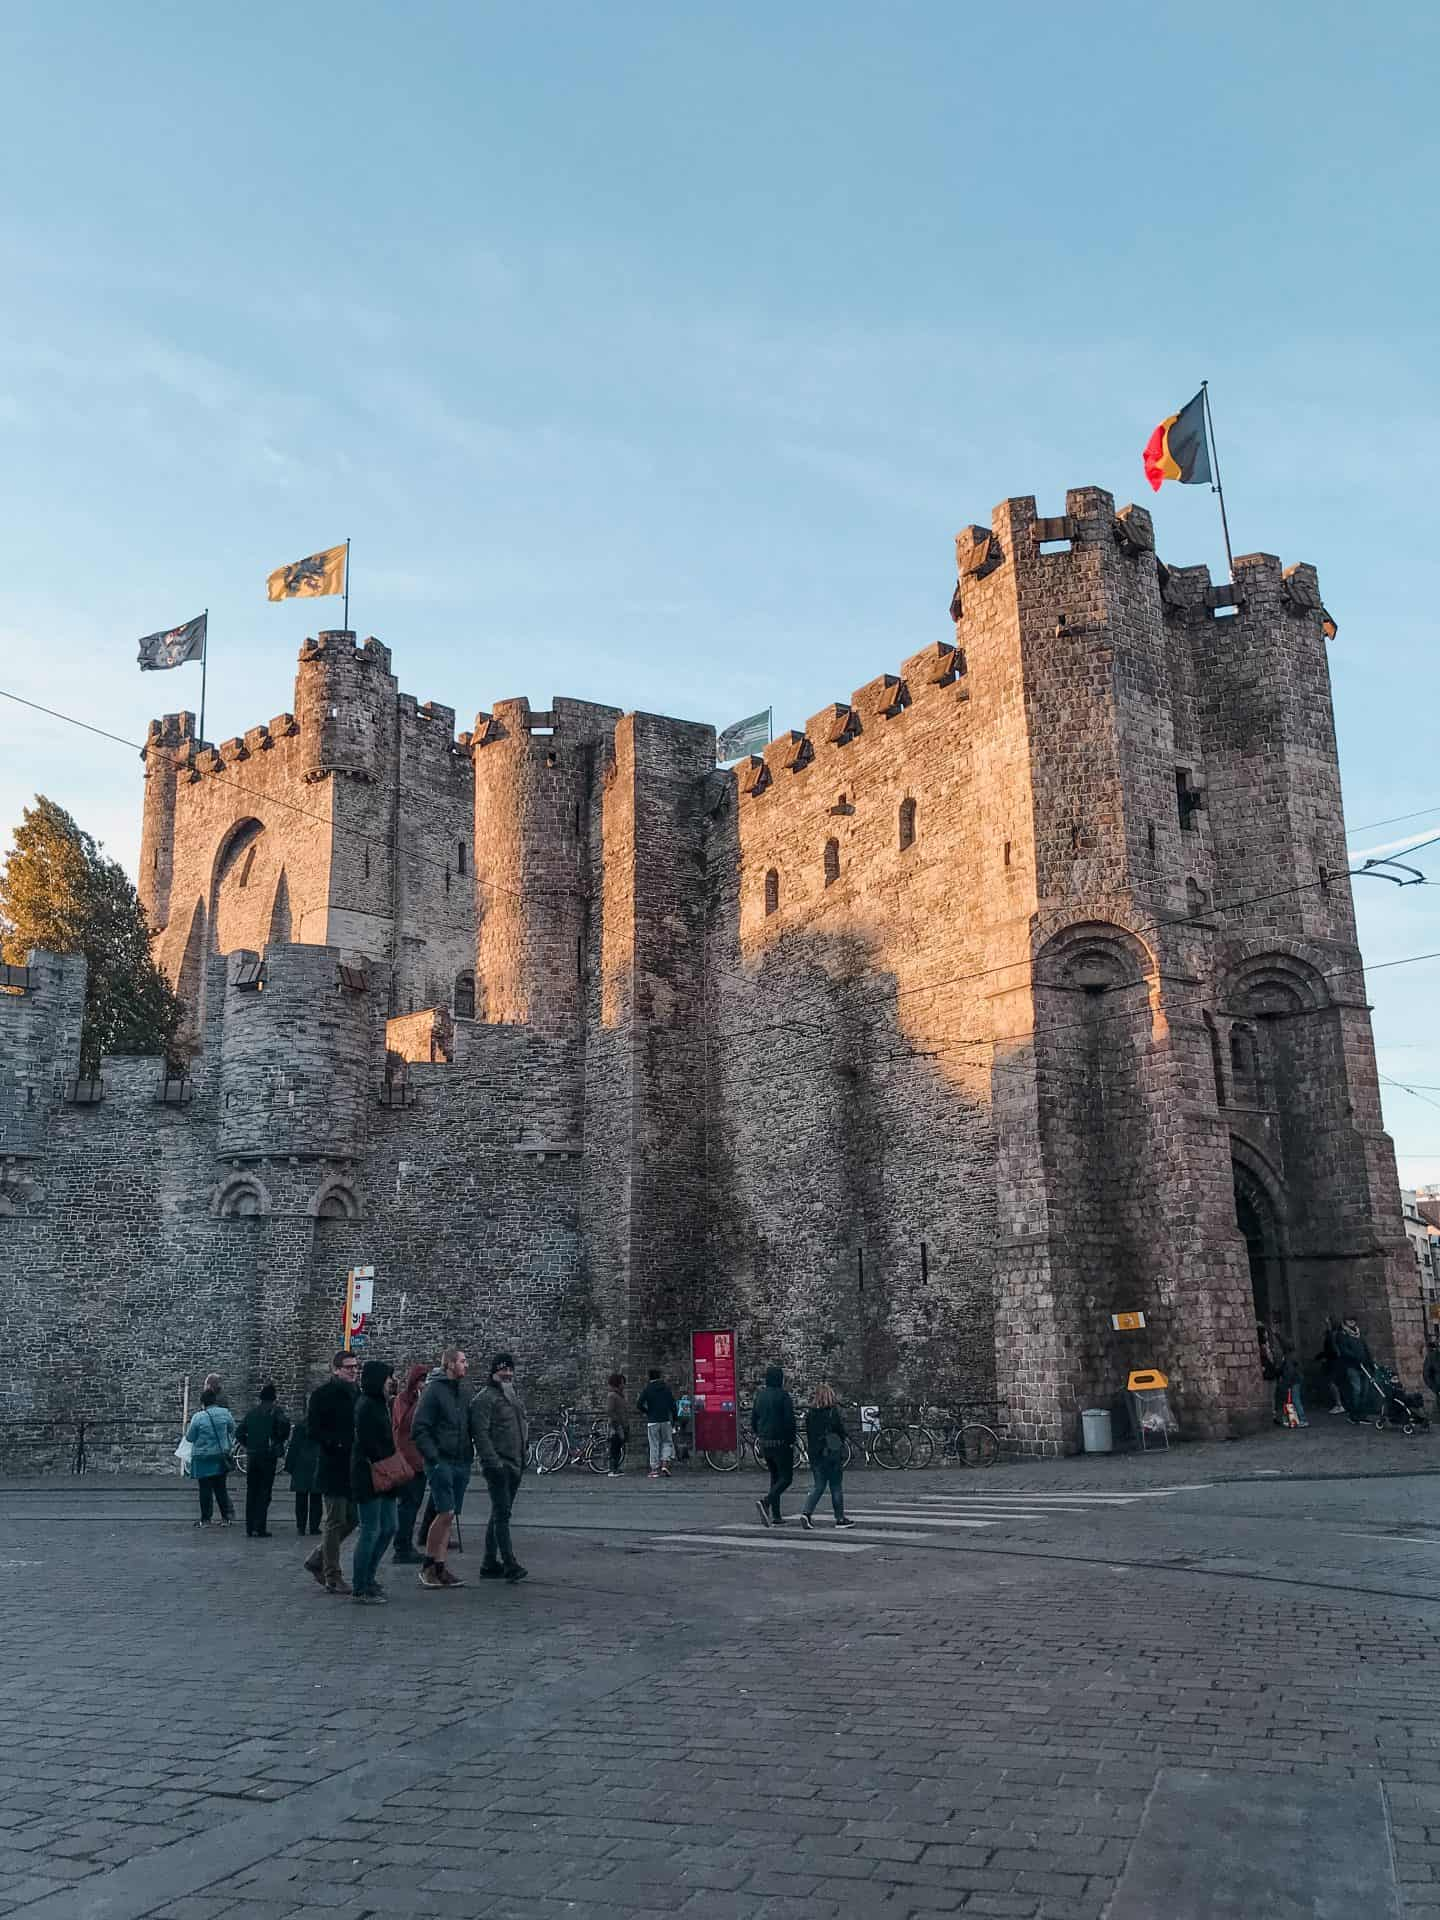 Castle of Counts, Gravensteen